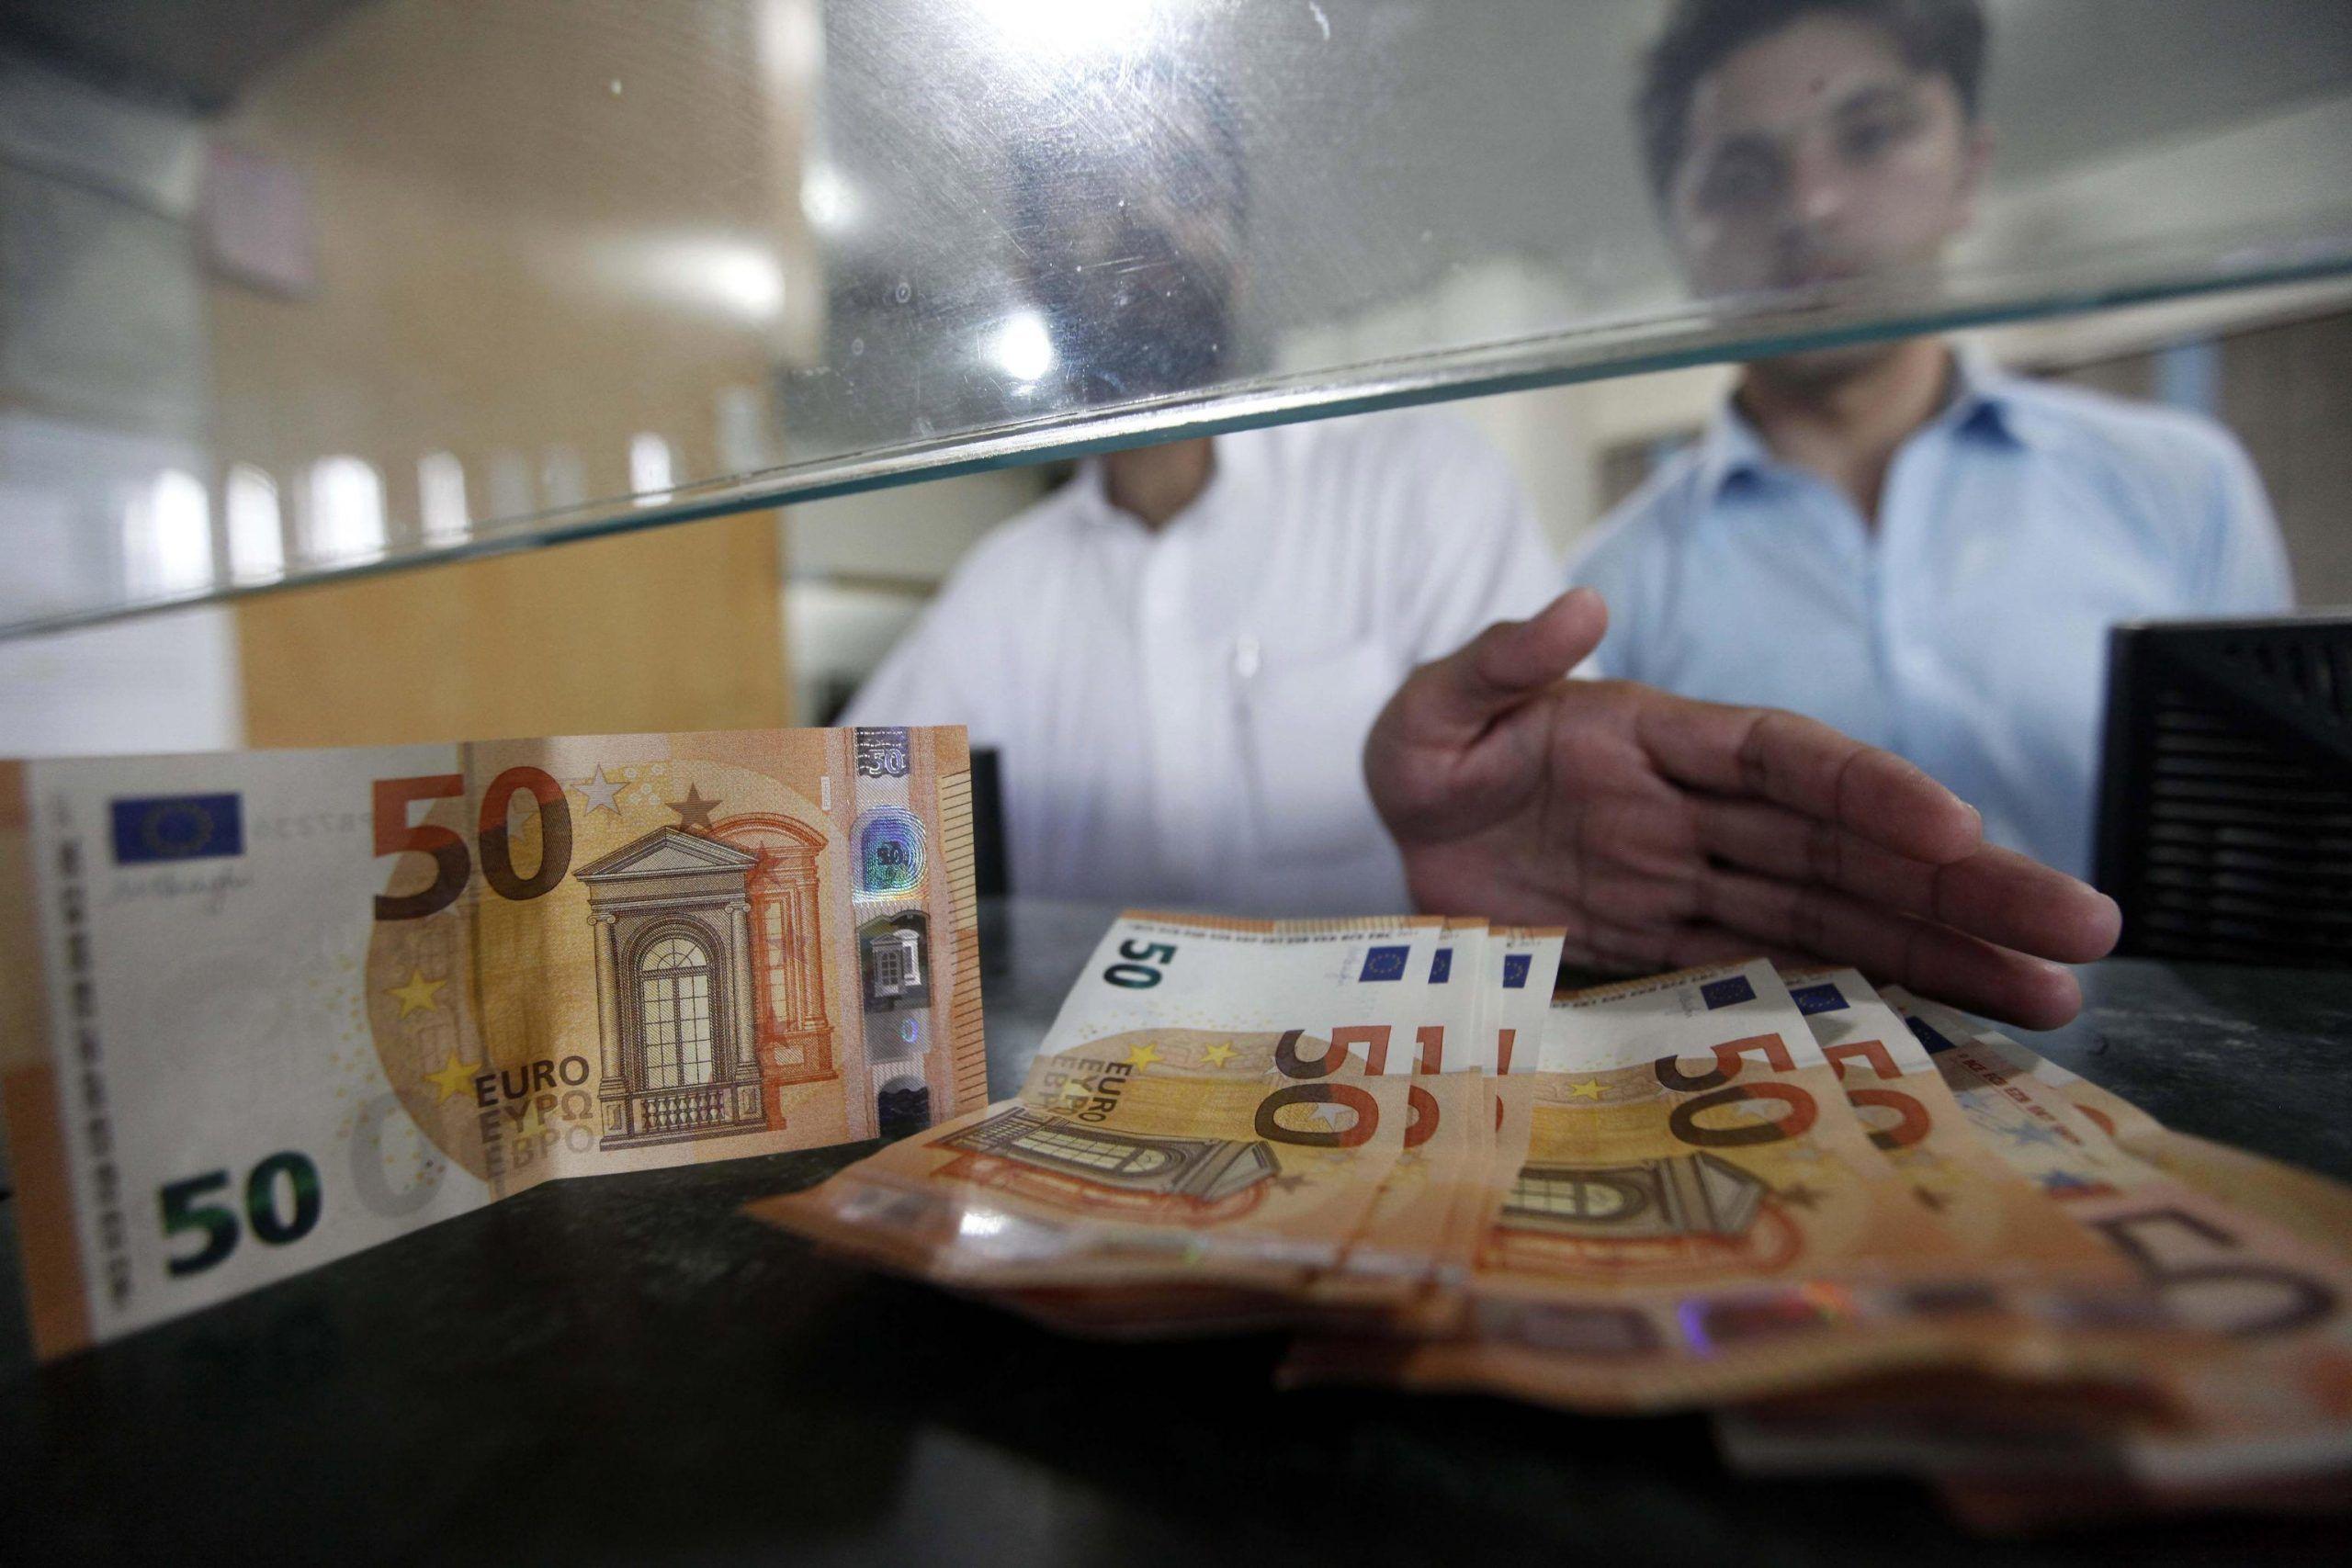 Pensioni Ape: niente assegno se hai un mutuo alto o sei un cattivo pagatore